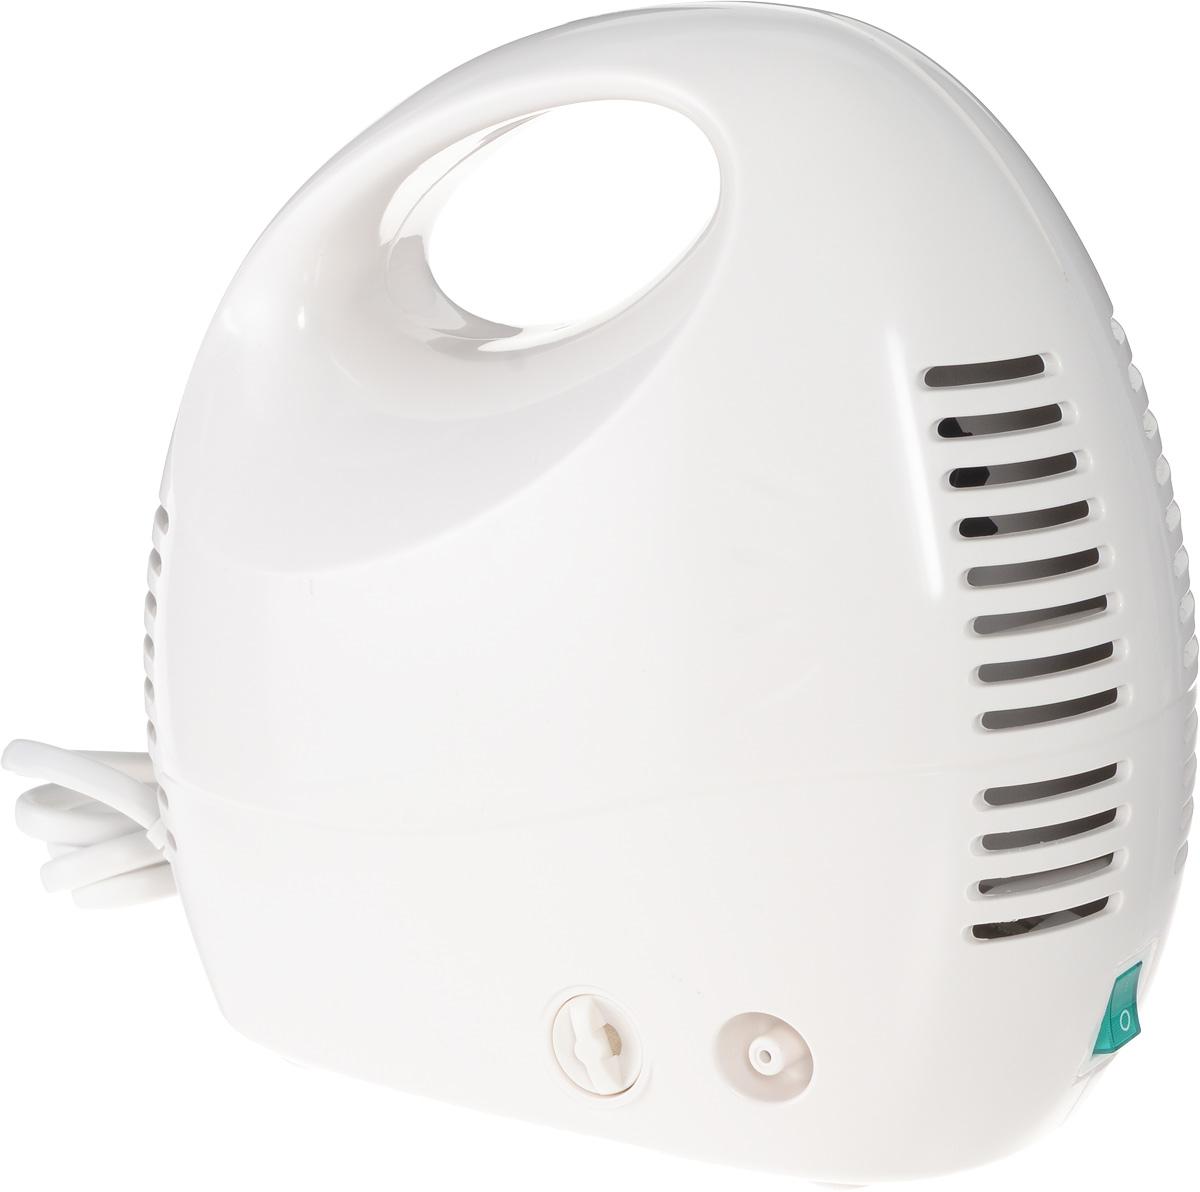 Алмаз MCN-600МА Effect компрессорный ингаляторMCN-600МА (Effect)Ингалятор Алмаз MCN-600МА Effect является эффективным медицинским прибором в связи с реализацией классического принципа устройства компрессора.Ингалятор состоит из пластмассового корпуса и распылительной камеры, соединенной с ним гибким шлангом. В корпусе установлен поршневой компрессор, который создает избыточное давление воздуха, подаваемого по гибкому шлангу в распылительную камеру. Конструктивно камера - это пластмассовая емкость для лекарства с устройством для его распыления потоком воздуха.Данная модель предназначена для профилактики и лечения различных заболеваний дыхательных путей с помощью ингаляций. Прибор создает мелкодисперсный аэрозоль из водорастворимых лекарственных препаратов для проведения ингаляций. Частицы аэрозоля имеют размер в среднем, 3 мкм, благодаря чему они достигают различных отделов дыхательных путей. Образование аэрозоля в ингаляторе происходит при прохождении потока воздуха под давлением, создаваемым компрессором, через камеру с лекарственным раствором.Корпус ингалятора изготовлен из гигиеничной пластмассы высшего сорта, что обусловливает безвредность при использовании, современный эстетичный и эргономичный дизайн. При изготовлении электронного блока использованы современные качественные материалы. Благодаря этому достигнута высокая надежность прибора, его безопасность, удобство применения. На распылительной камере имеются разметочные метки, которые обозначают примерный объем лекарственного препарата в камере.Интенсивность распыления: 0,3 мл/ минРазмер частиц аэрозоля: не более 4 мкмОбъем емкости для лекарств: 6 млУровень шума: 55 дБДиапазон давления компрессора: 30-36 Psi